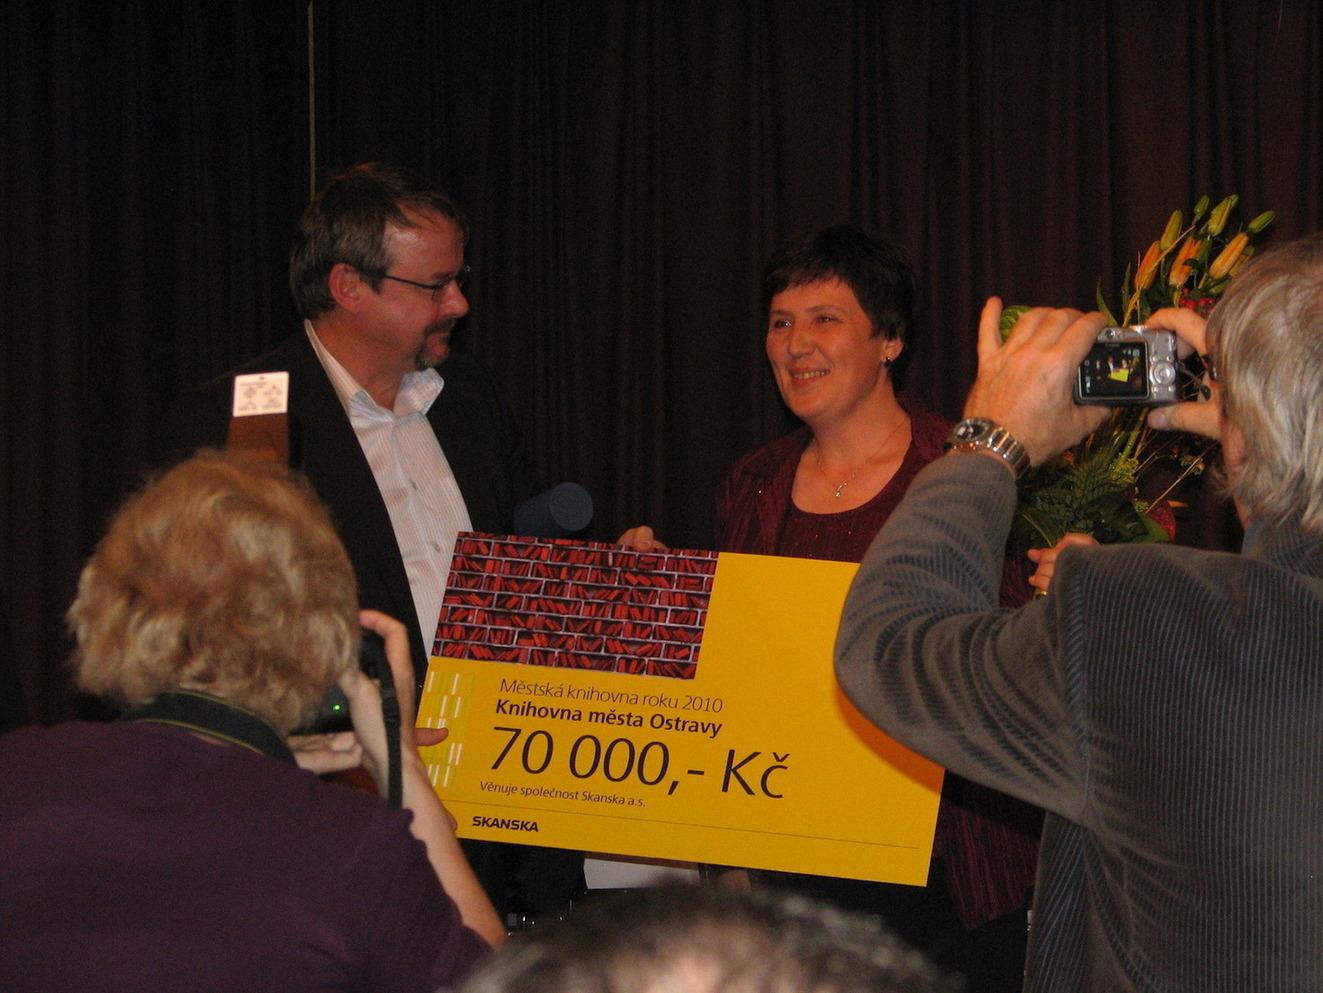 Předání ceny Městská knihovna roku 2010 Knihovně města Ostravy